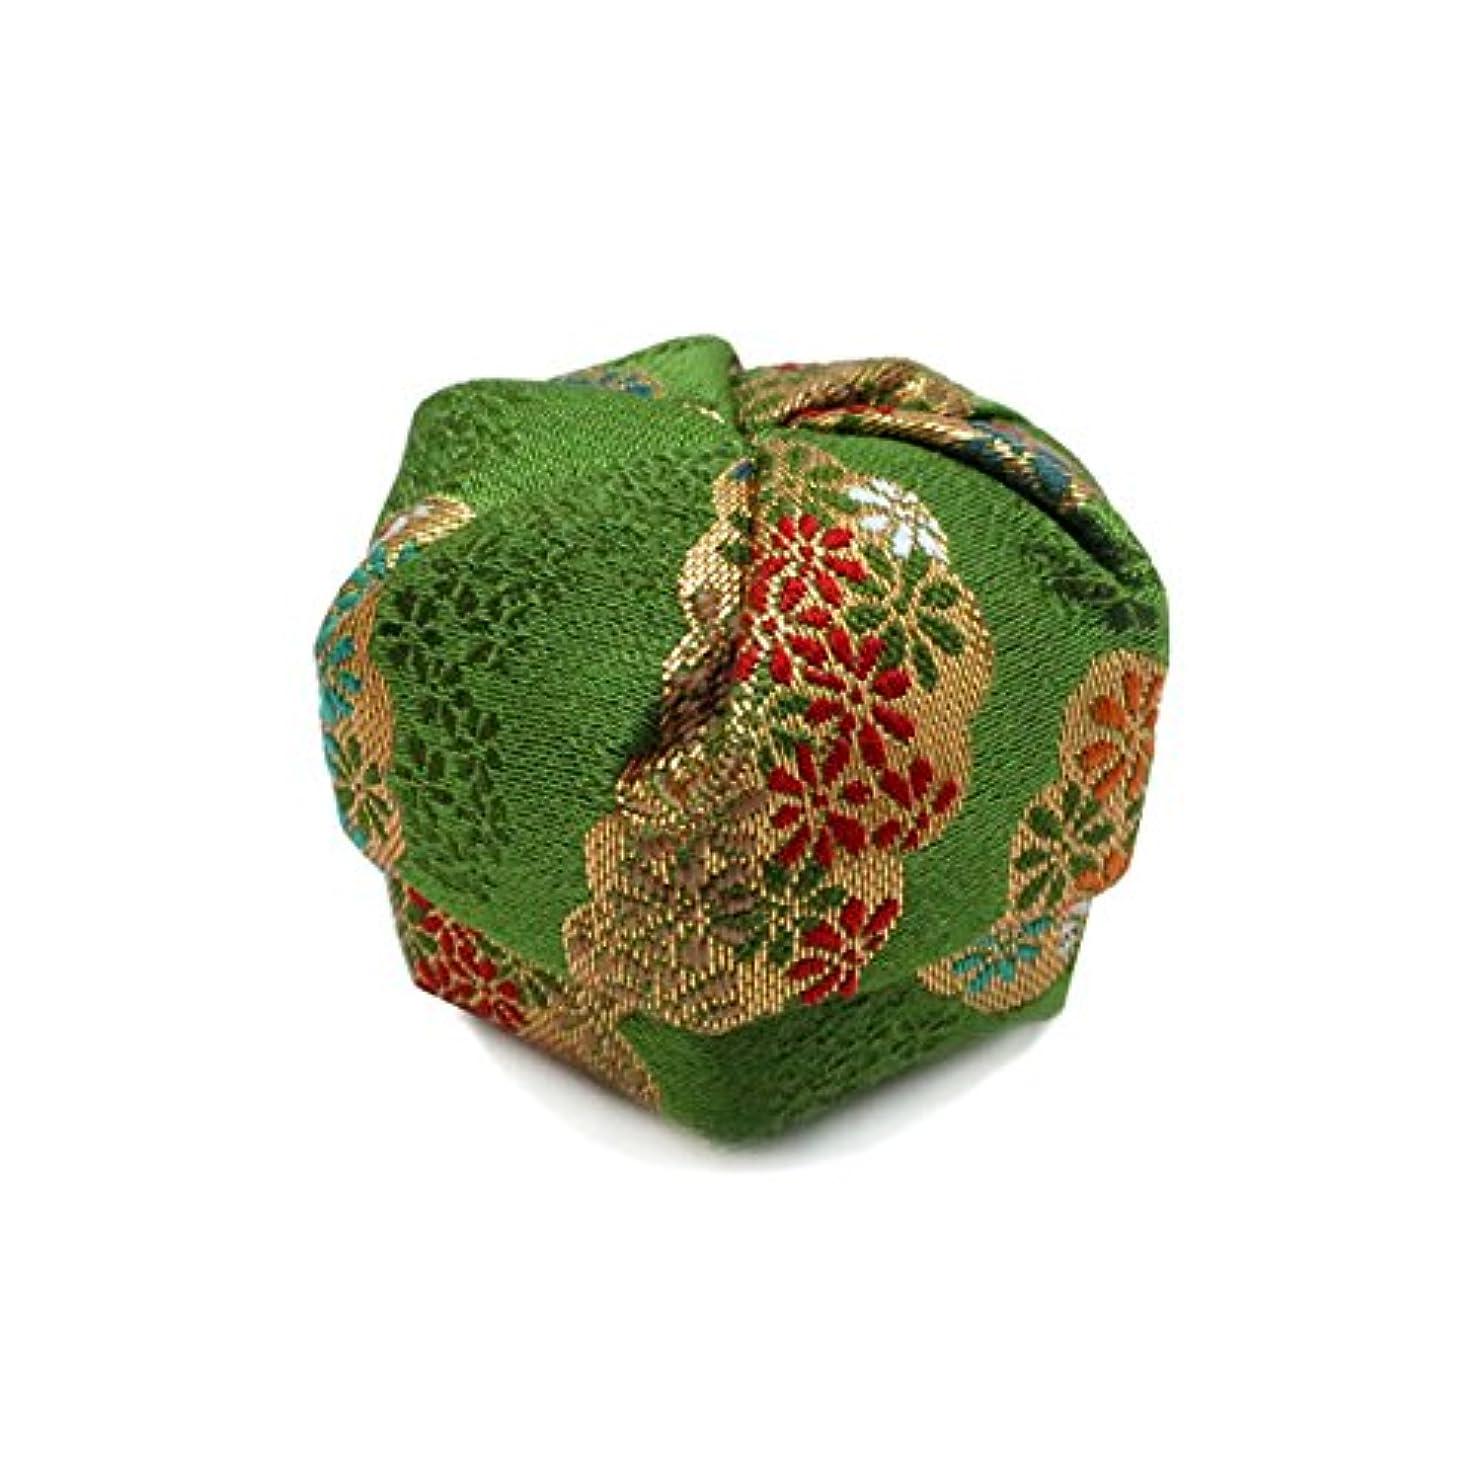 ハッピーかわいらしい光景布香盒 緑系 紙箱入